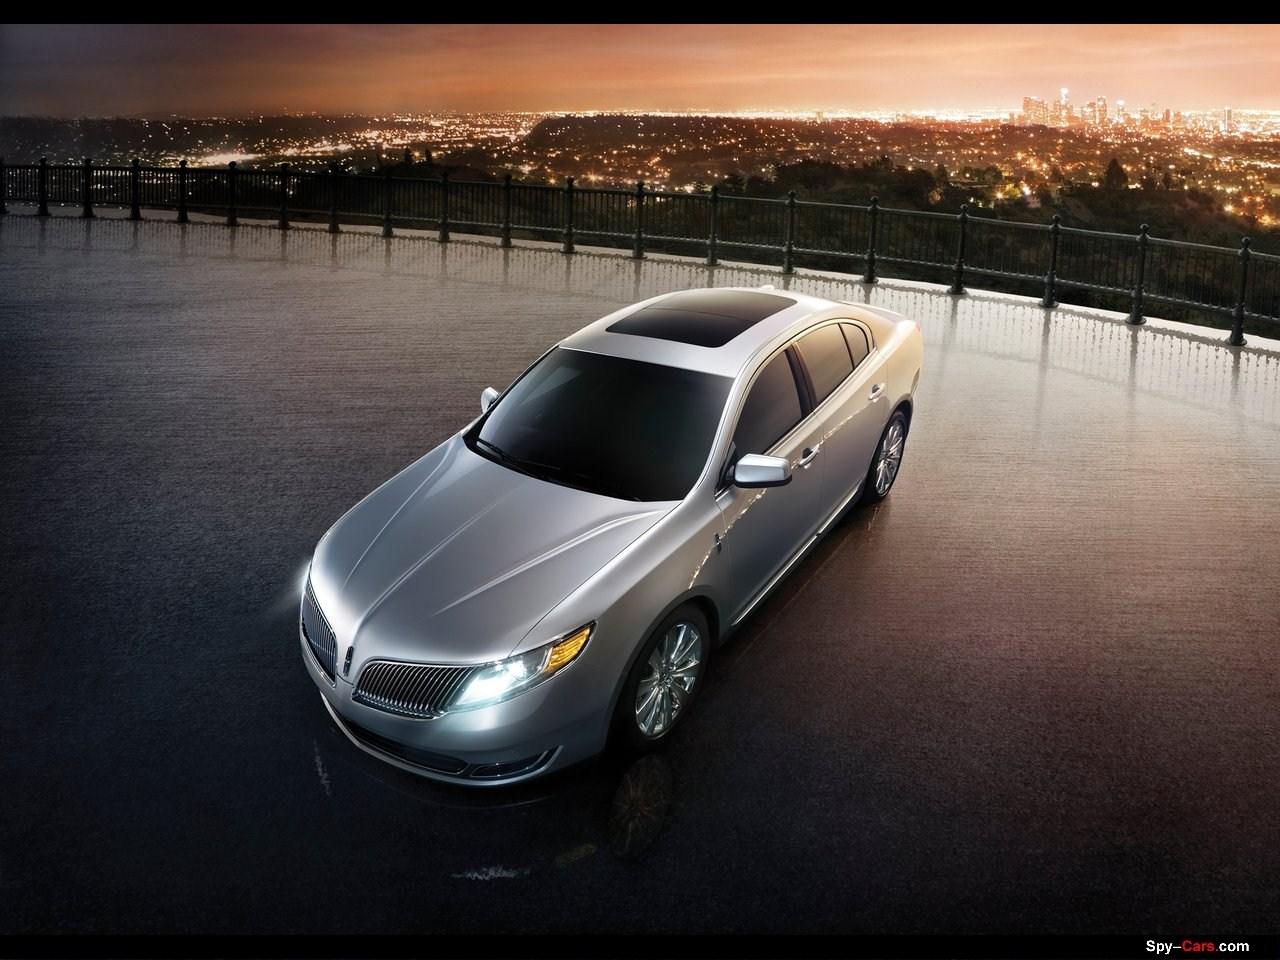 Lincoln Autos Spain